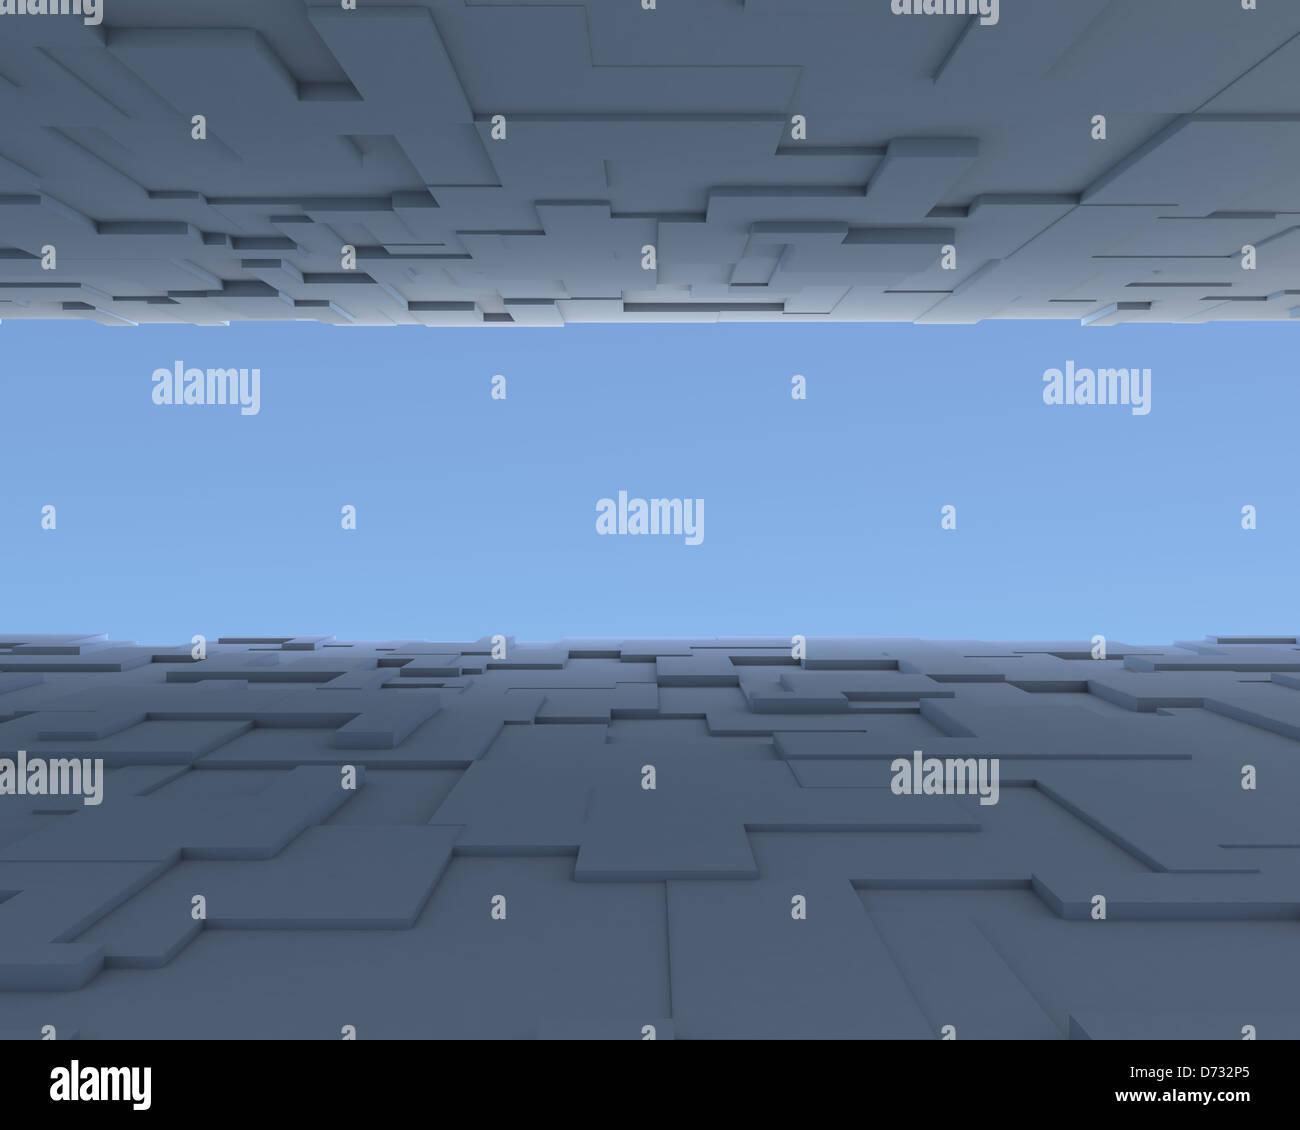 Abstract sfondo concettuale Immagini Stock